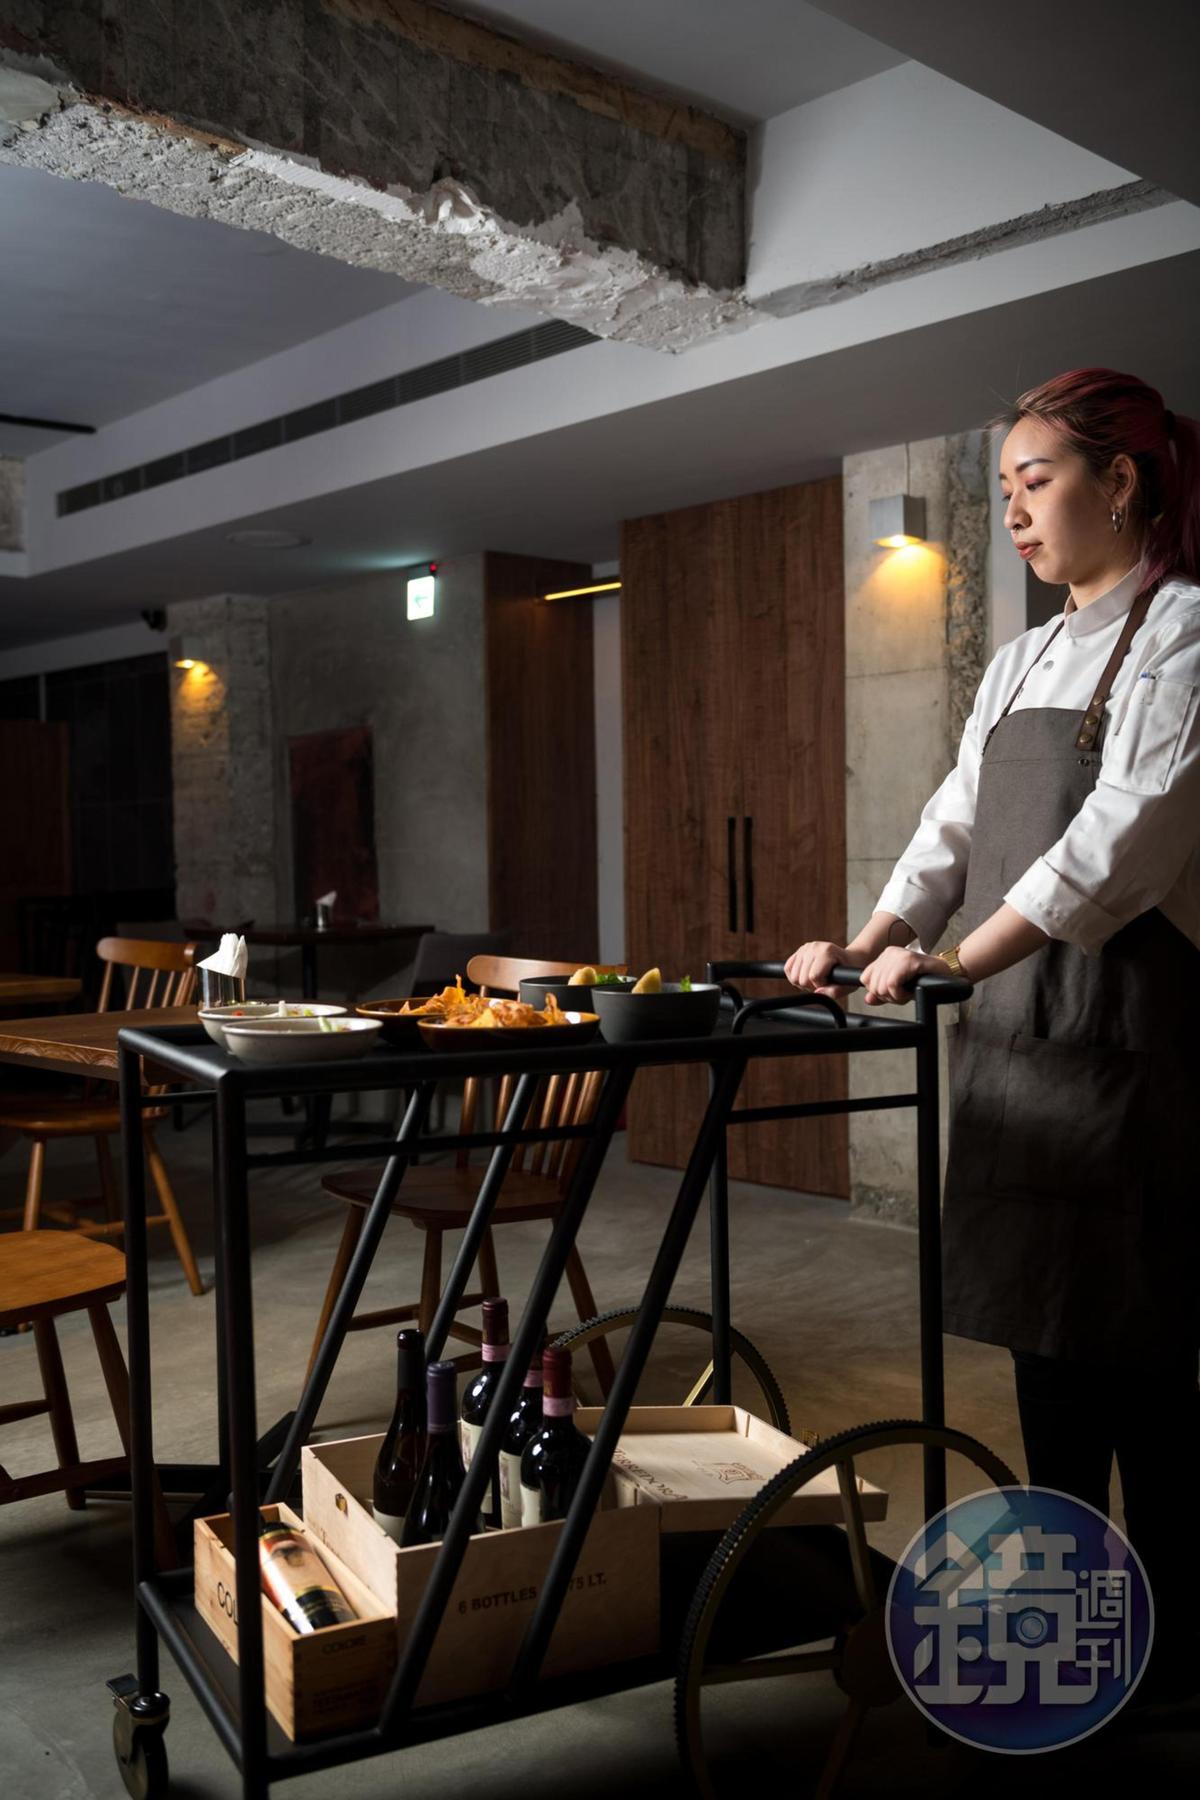 外場人員會推著每日小菜的推車穿梭餐廳,有如港式茶樓。